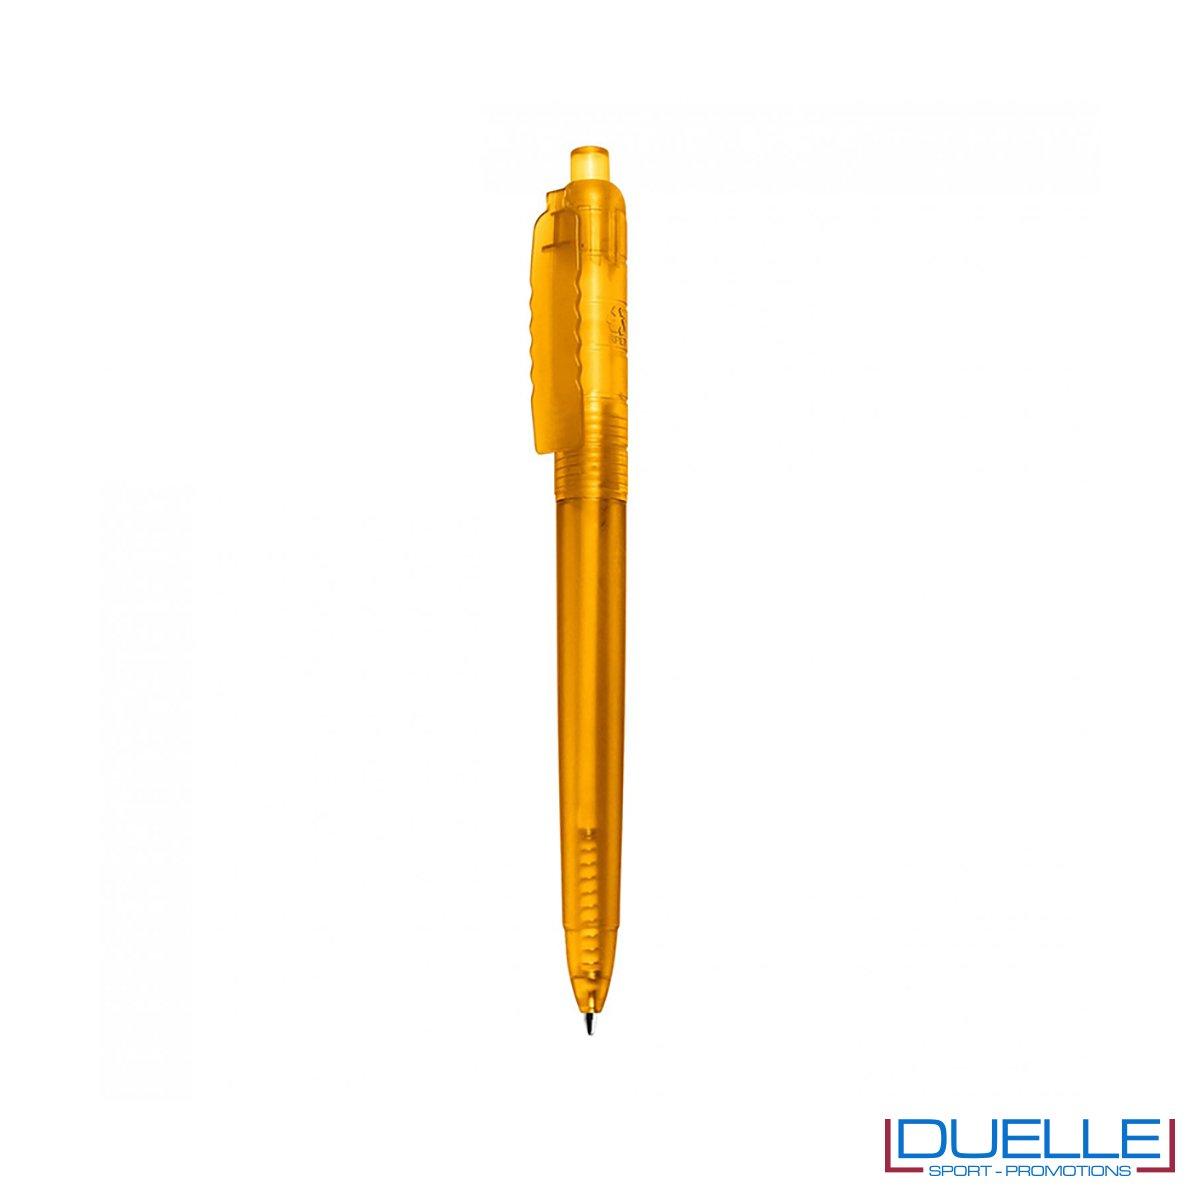 Penna a sfera in R-pet personalizzata colore giallo